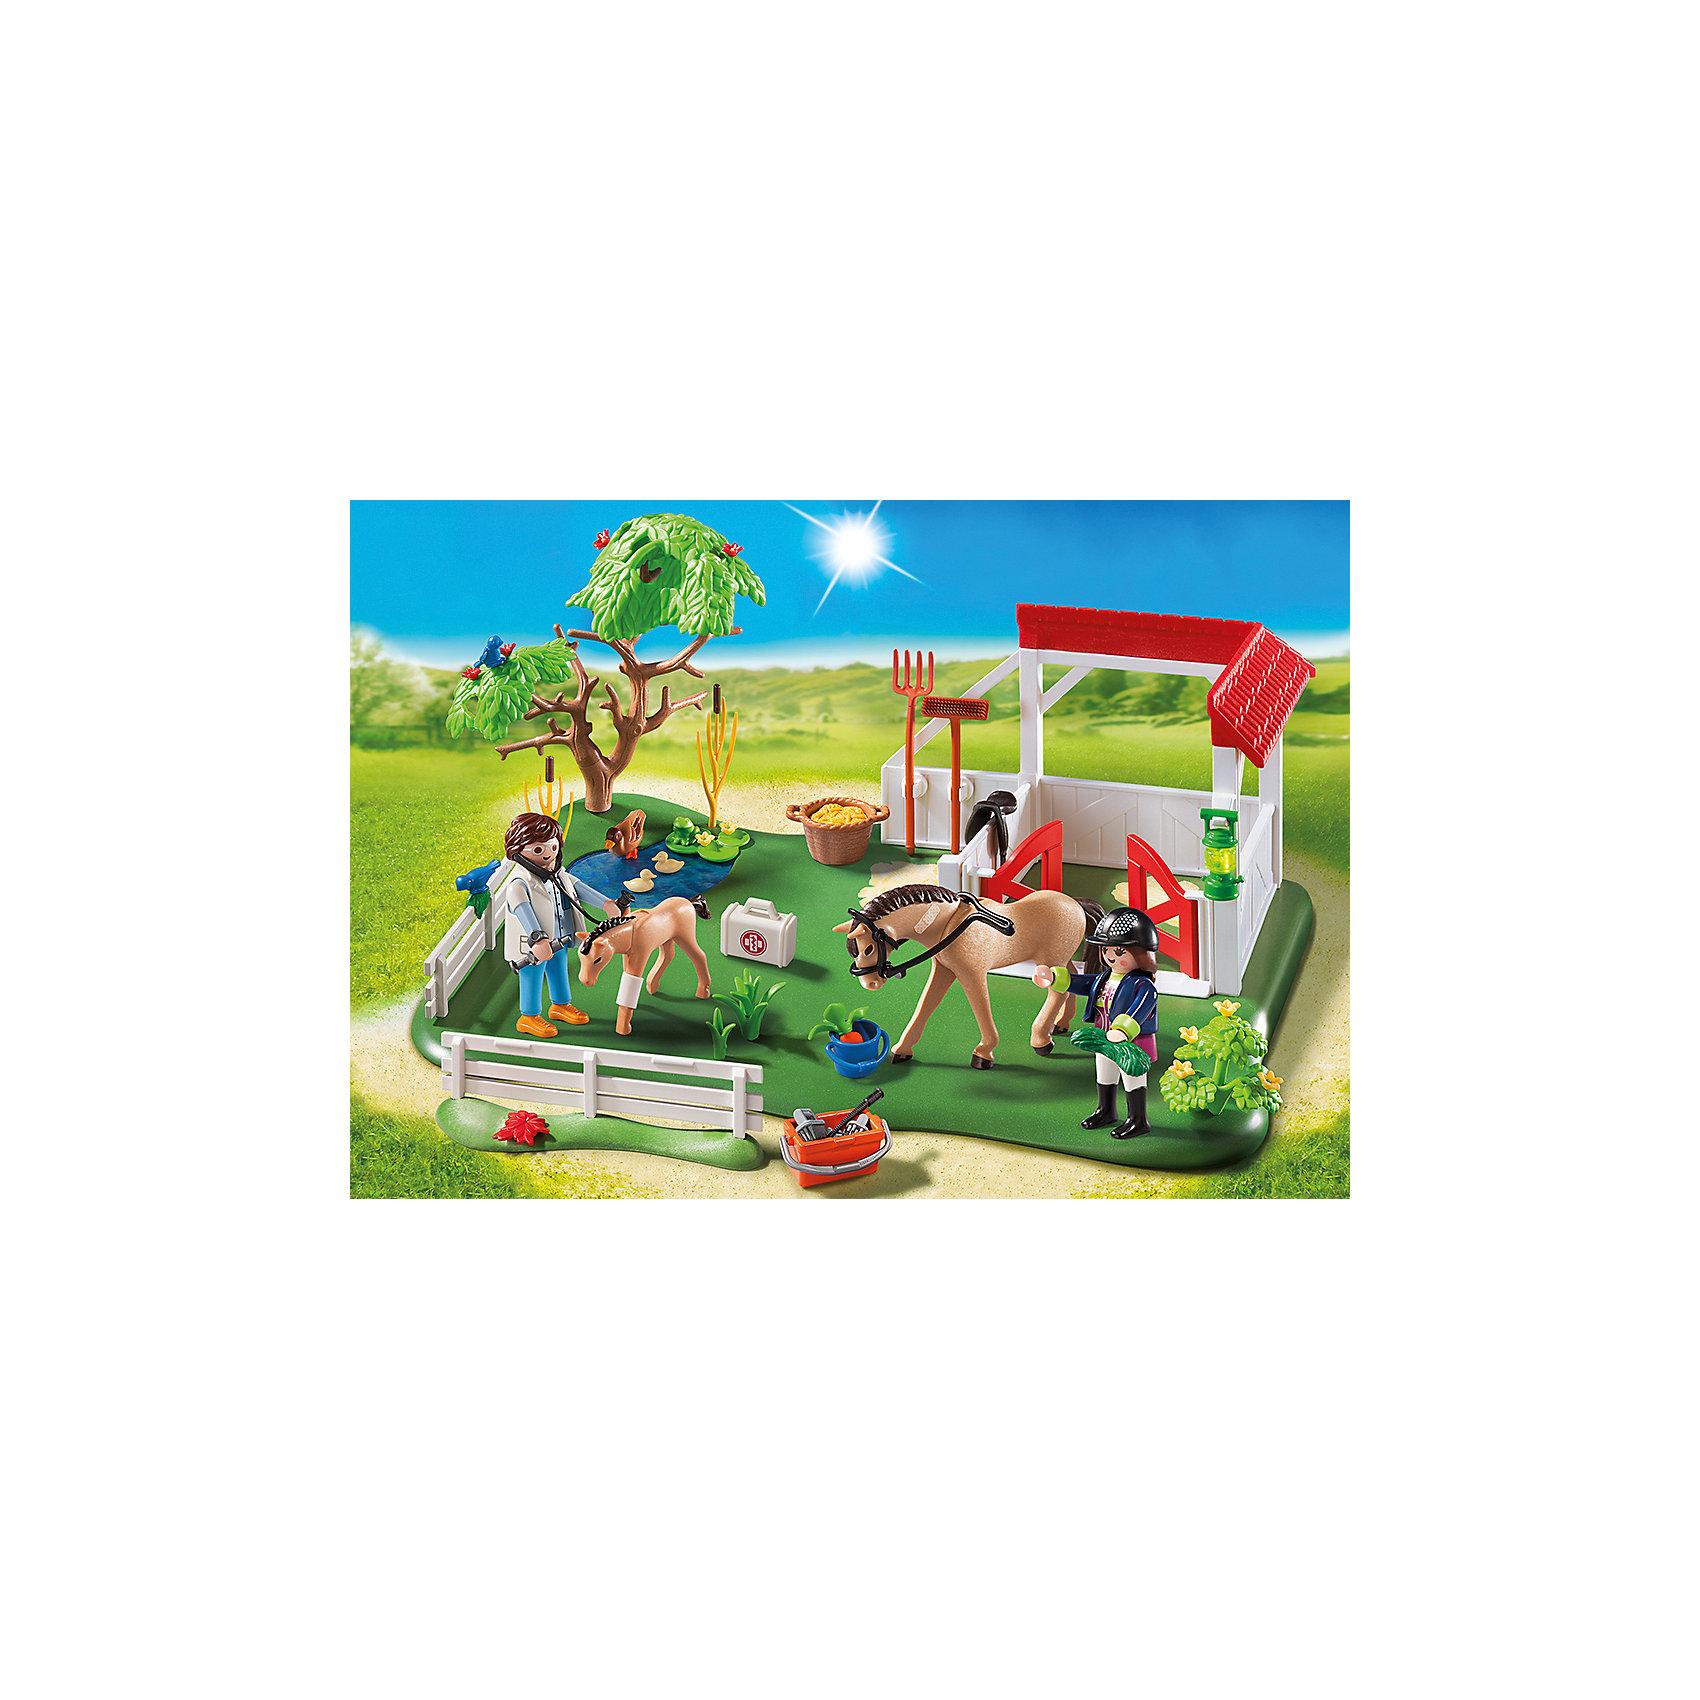 PLAYMOBIL® Супер набор: Загон для Лошадей, PLAYMOBIL playmobil® зоопарк стая фламинго playmobil